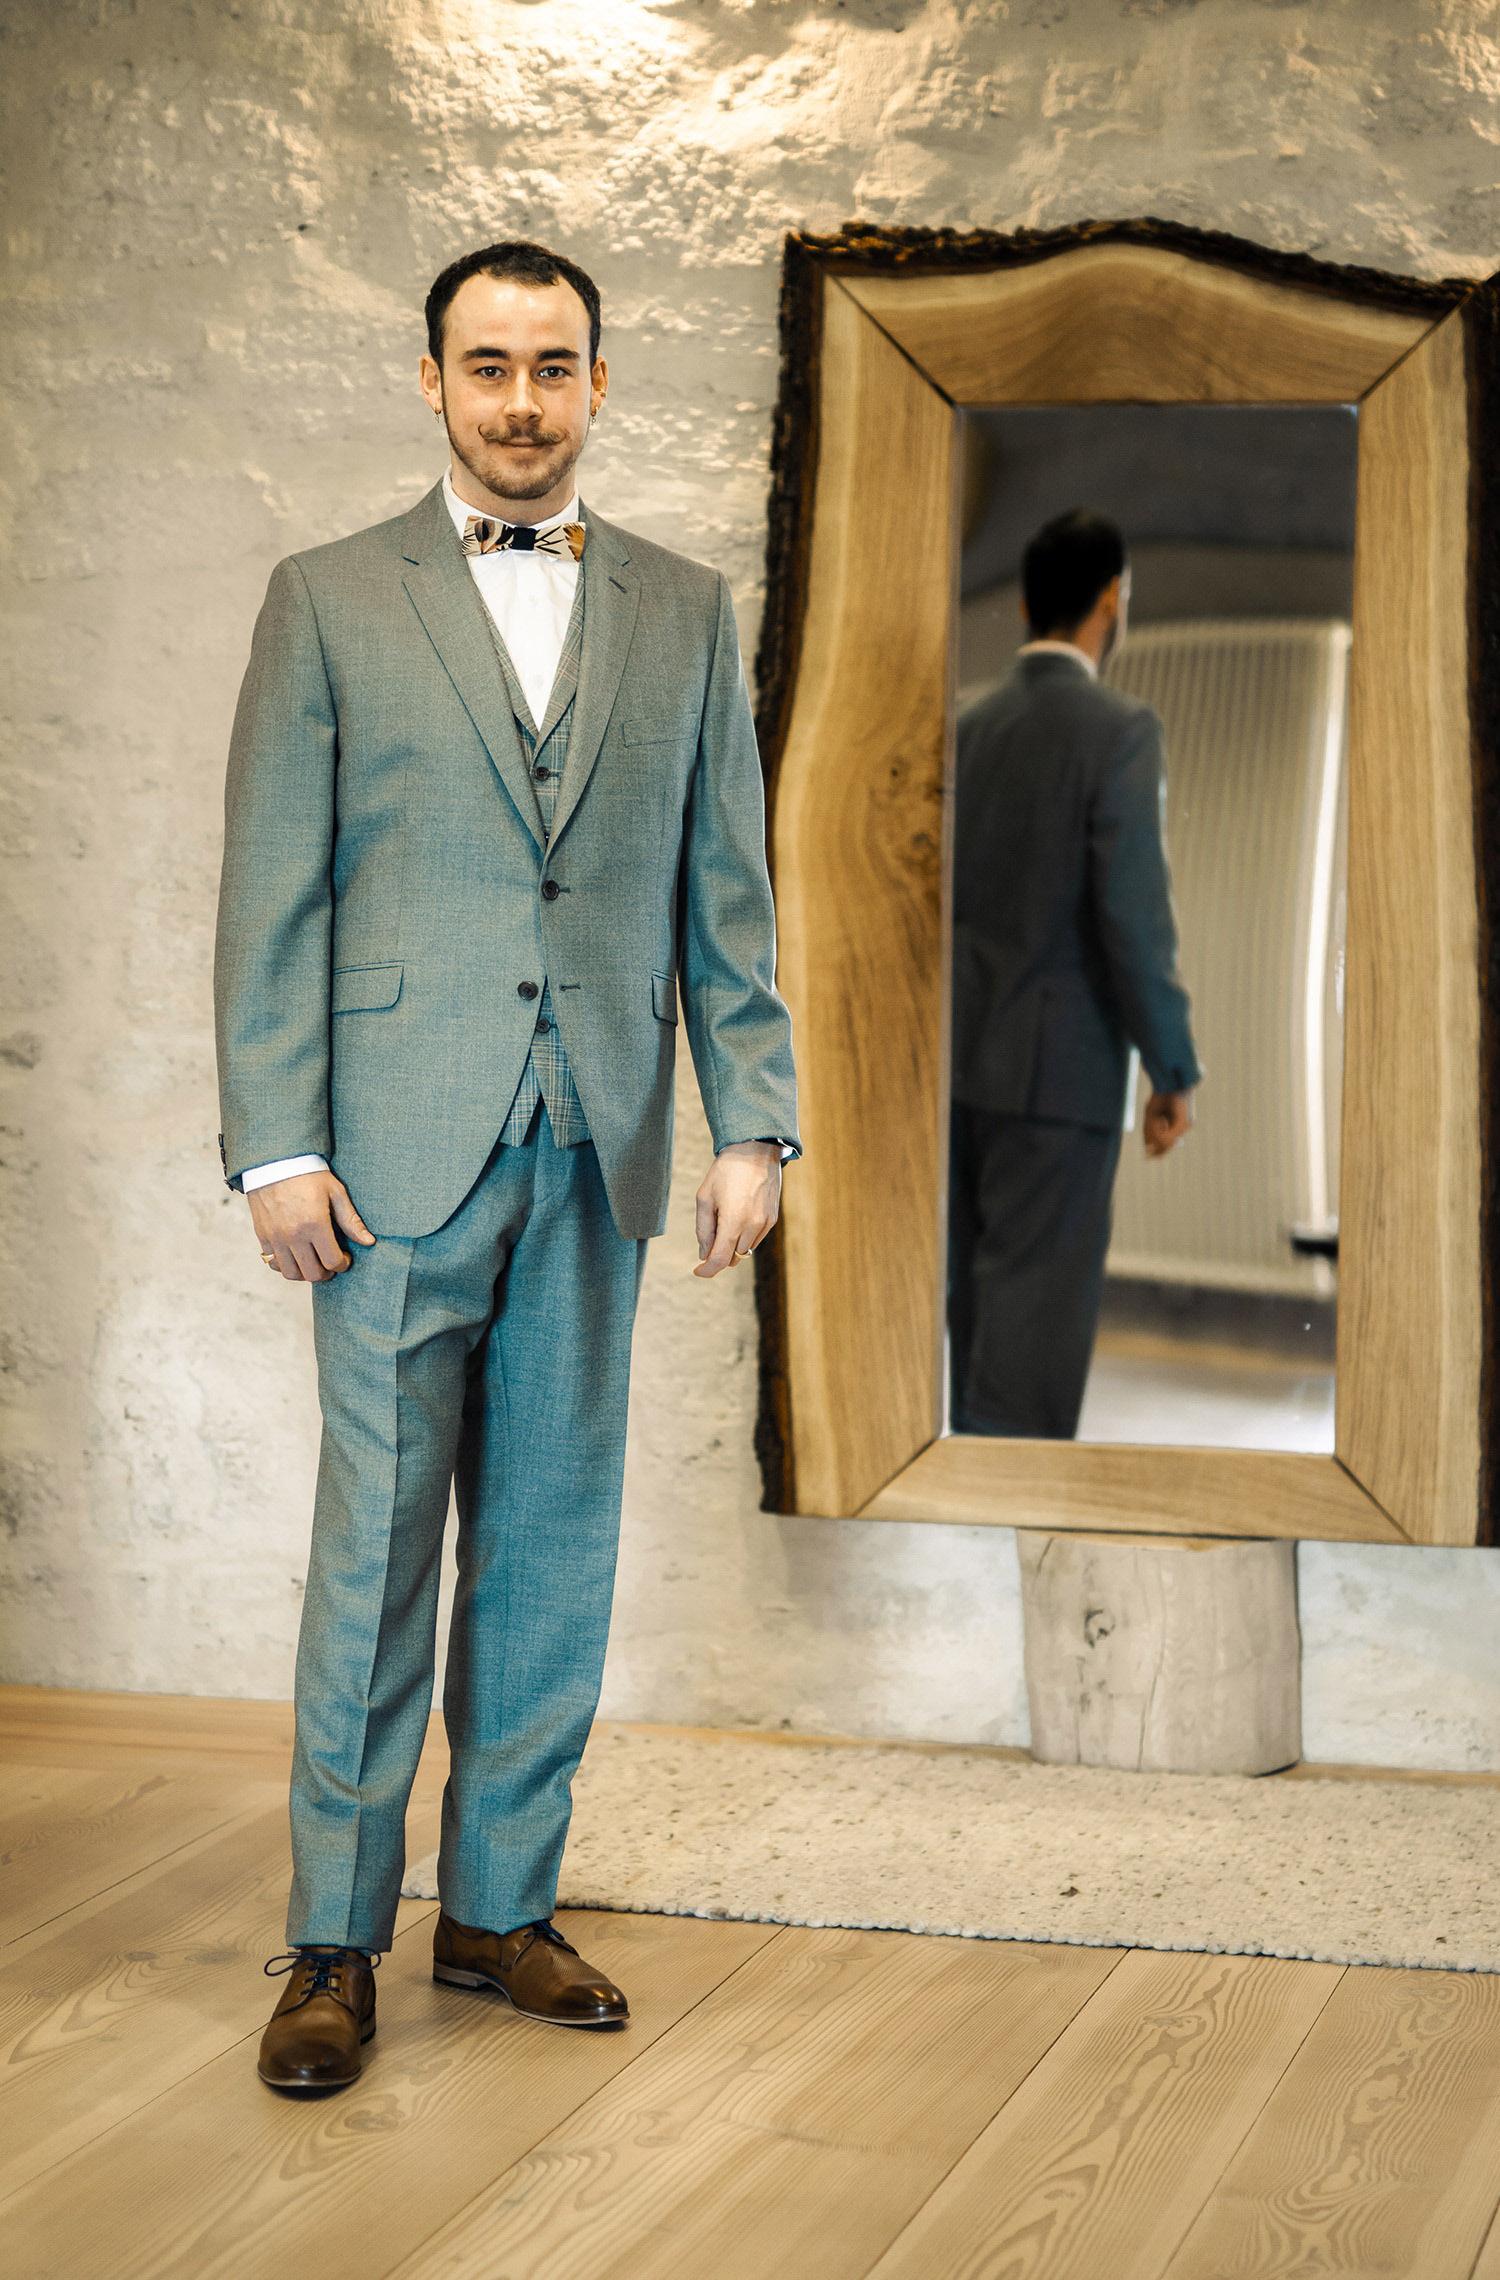 Ein Mann trägt einen Hochzeitsanzug von Wilvorst Green Wedding in Grün